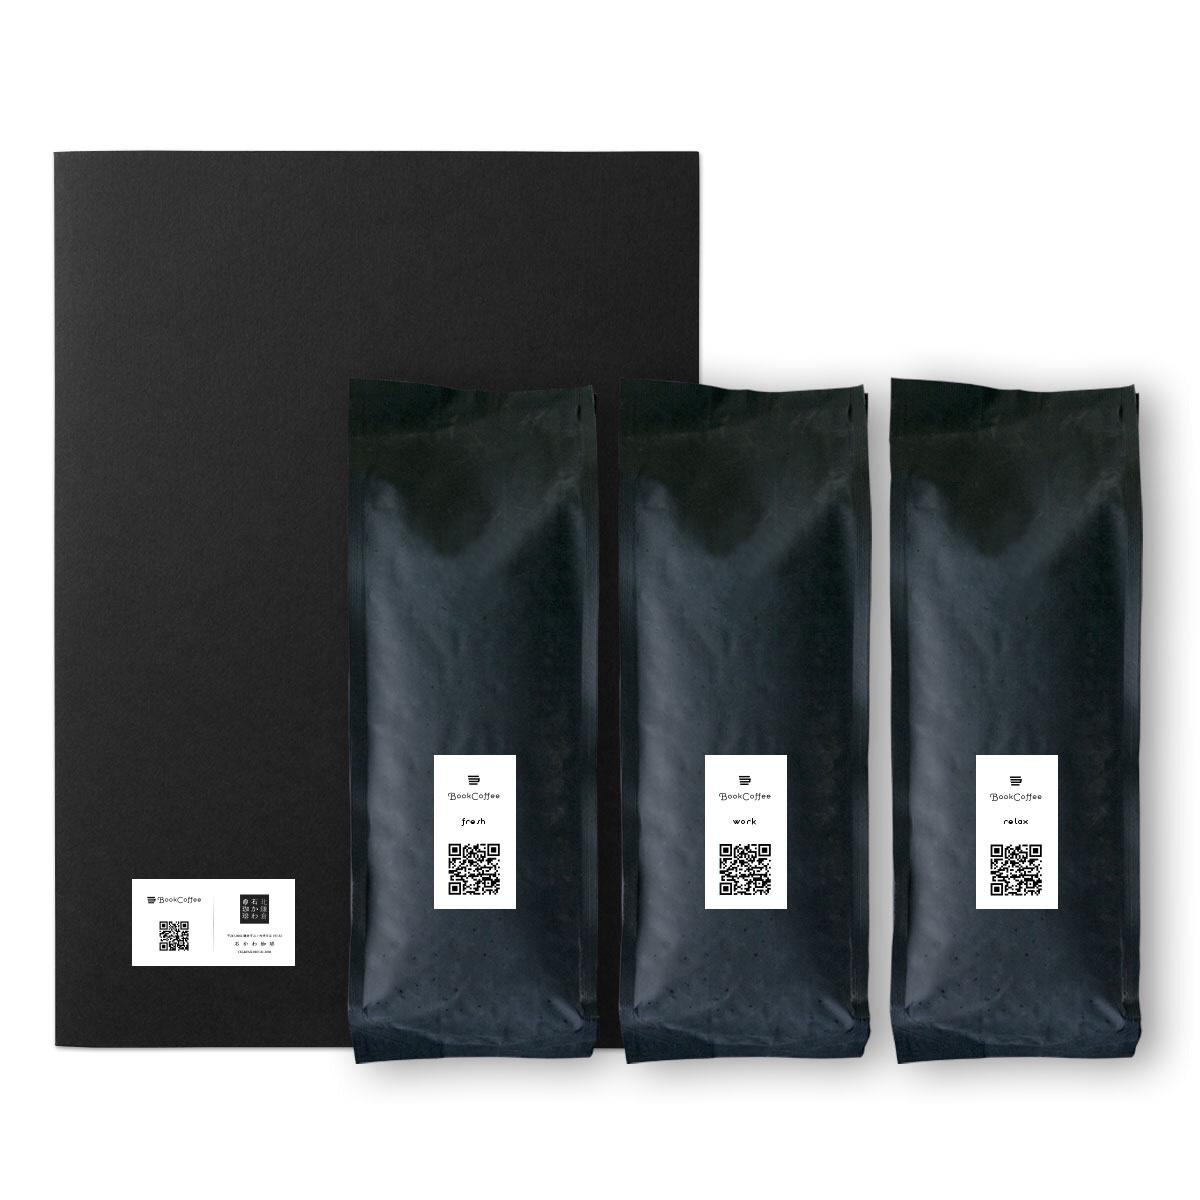 【送料込 ¥ 1,600】お試しセット|コーヒー豆・粉|100gx3 - 画像2